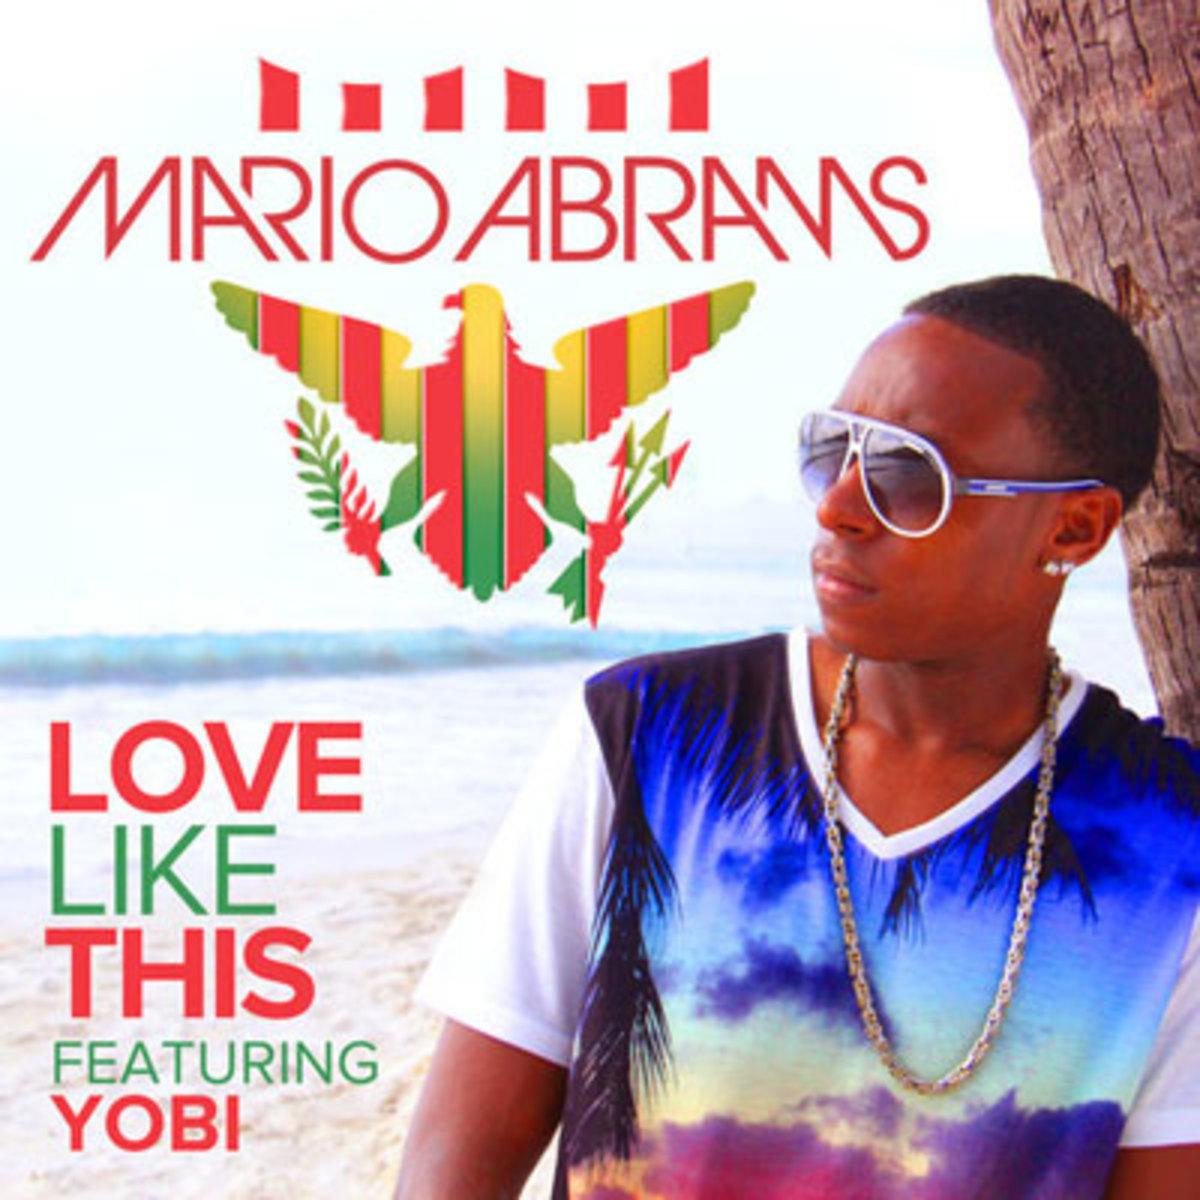 marioabrams-lovelikethis.jpg